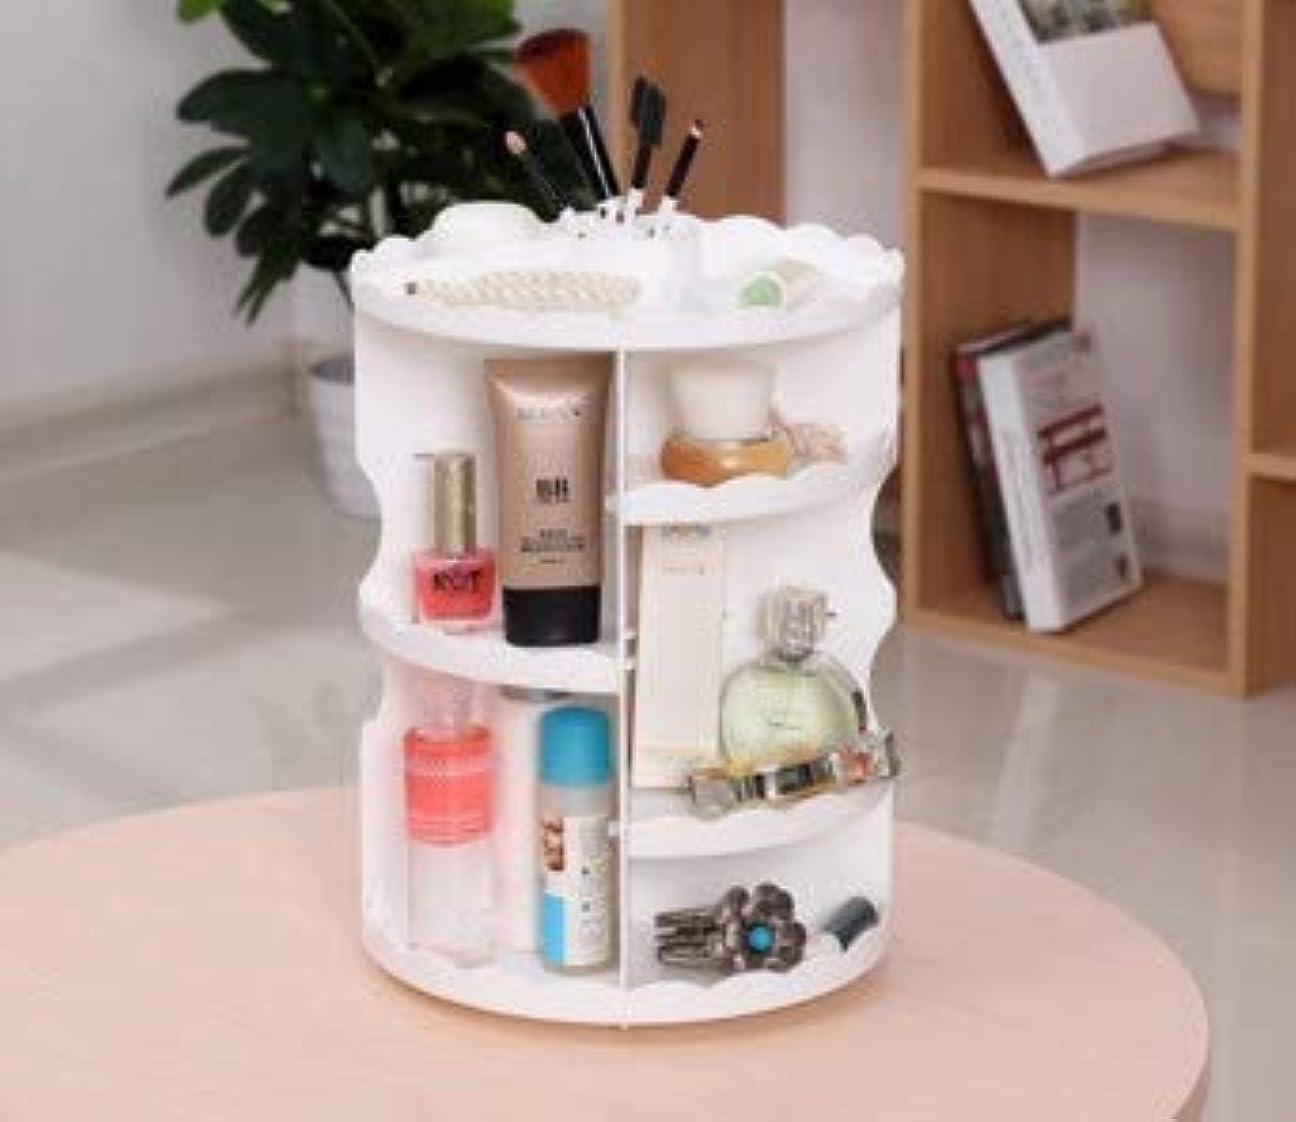 バルク地平線セクション化粧品収納ボックスプラスチックデスクトップクリエイティブ家庭用化粧台仕上げ回転化粧品収納ラック (Color : ホワイト)